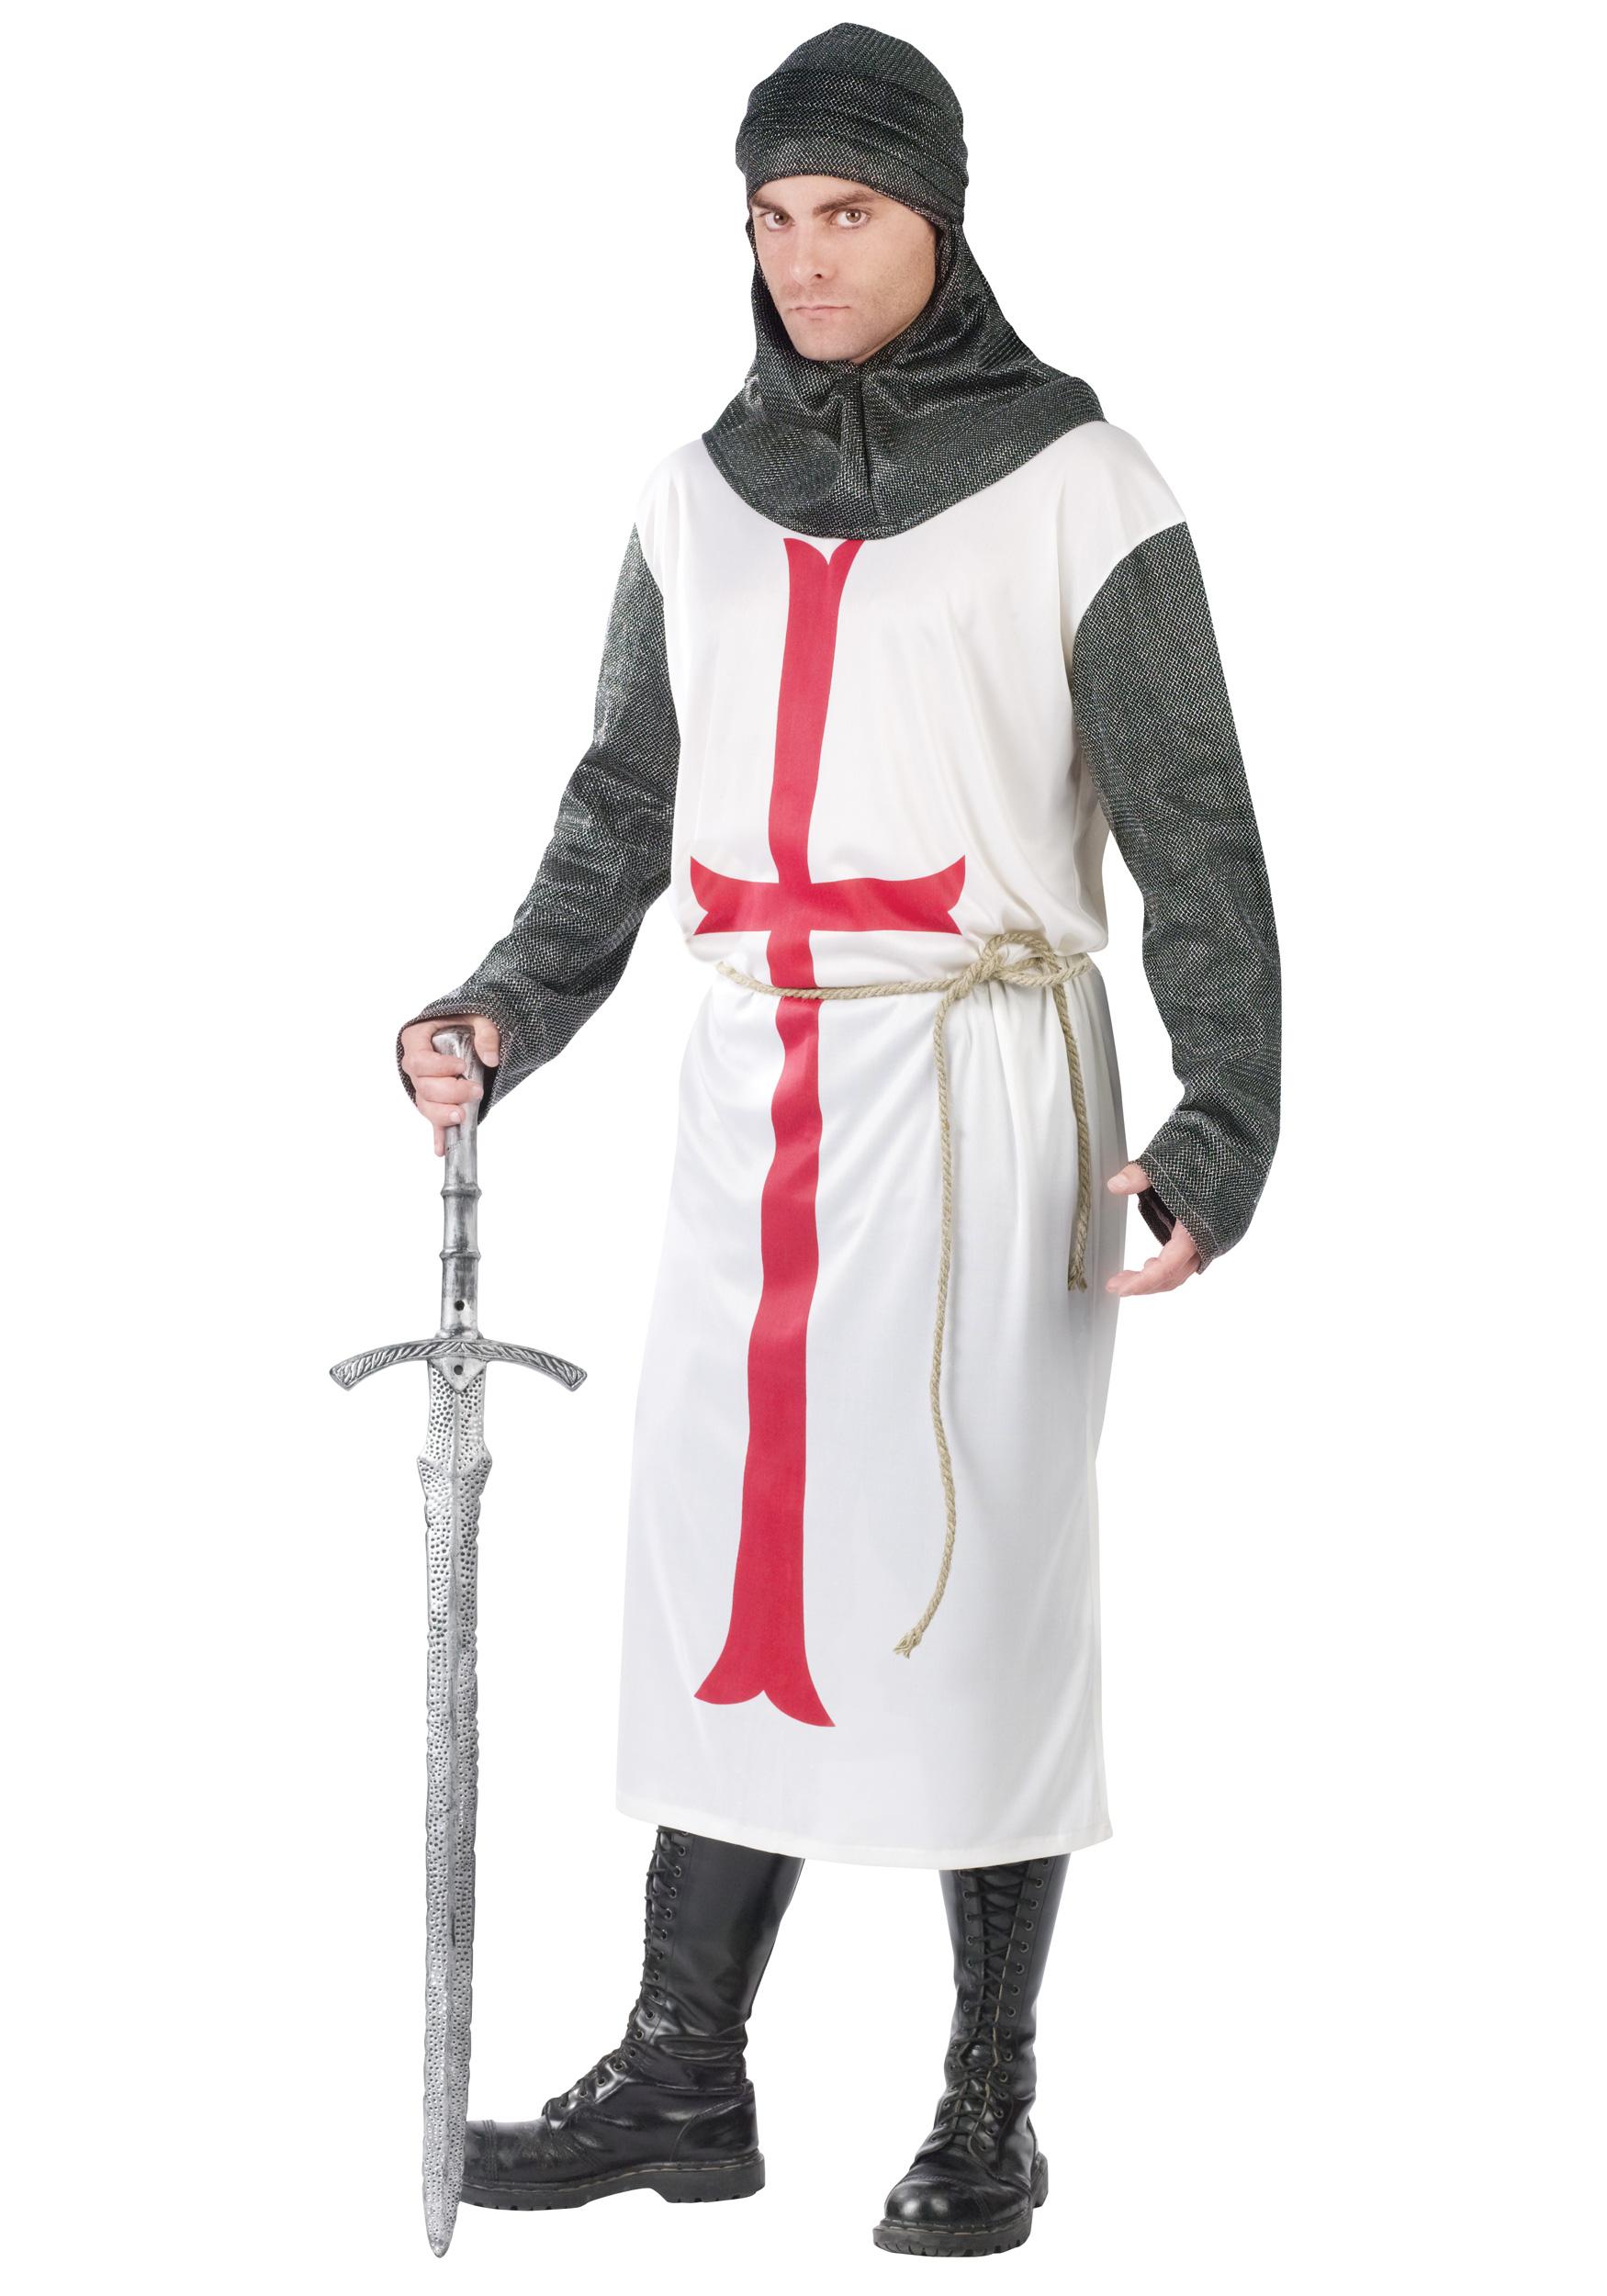 knight templar, рыцарь тамплиер, скачать фото, клипарт, кольчуга, мечь